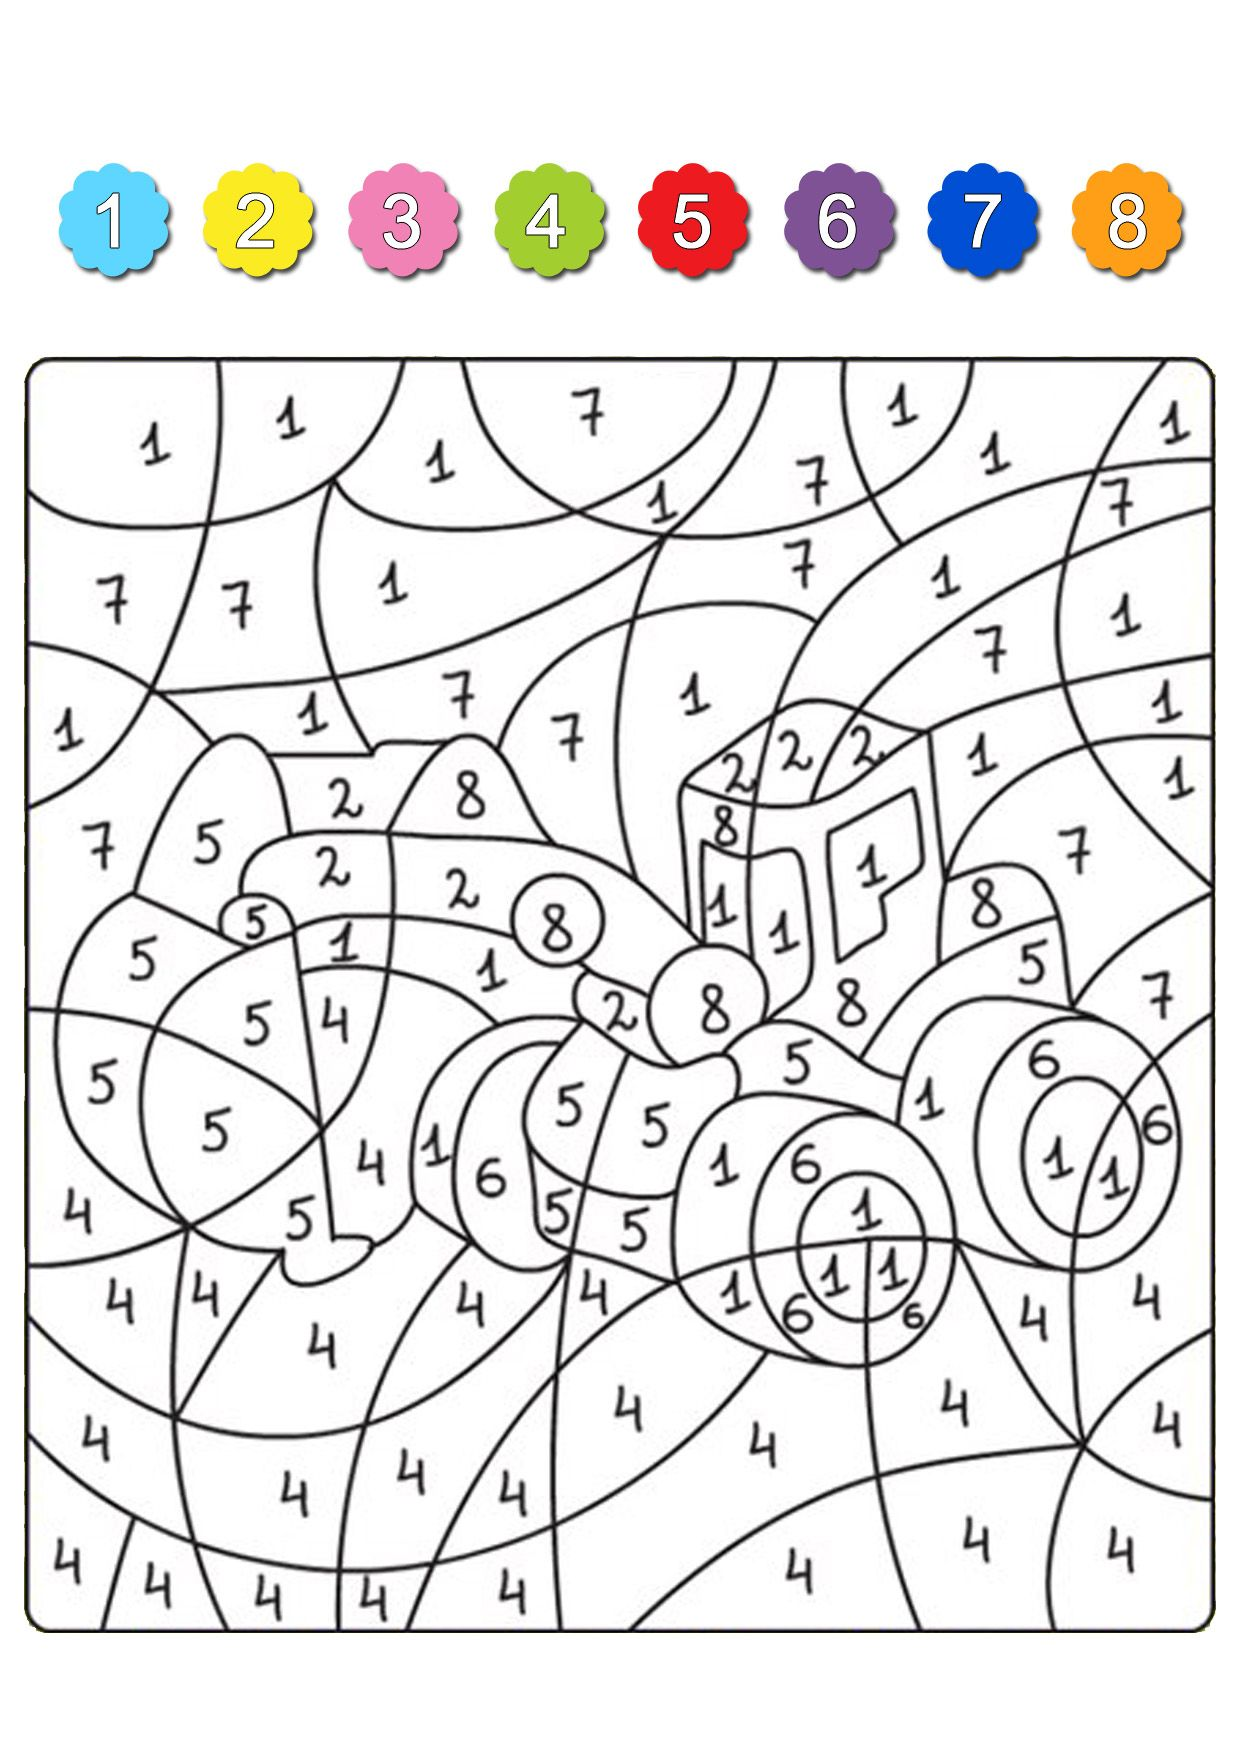 Раскрась по цифрам. Наземный транспорт | Math for kids ...